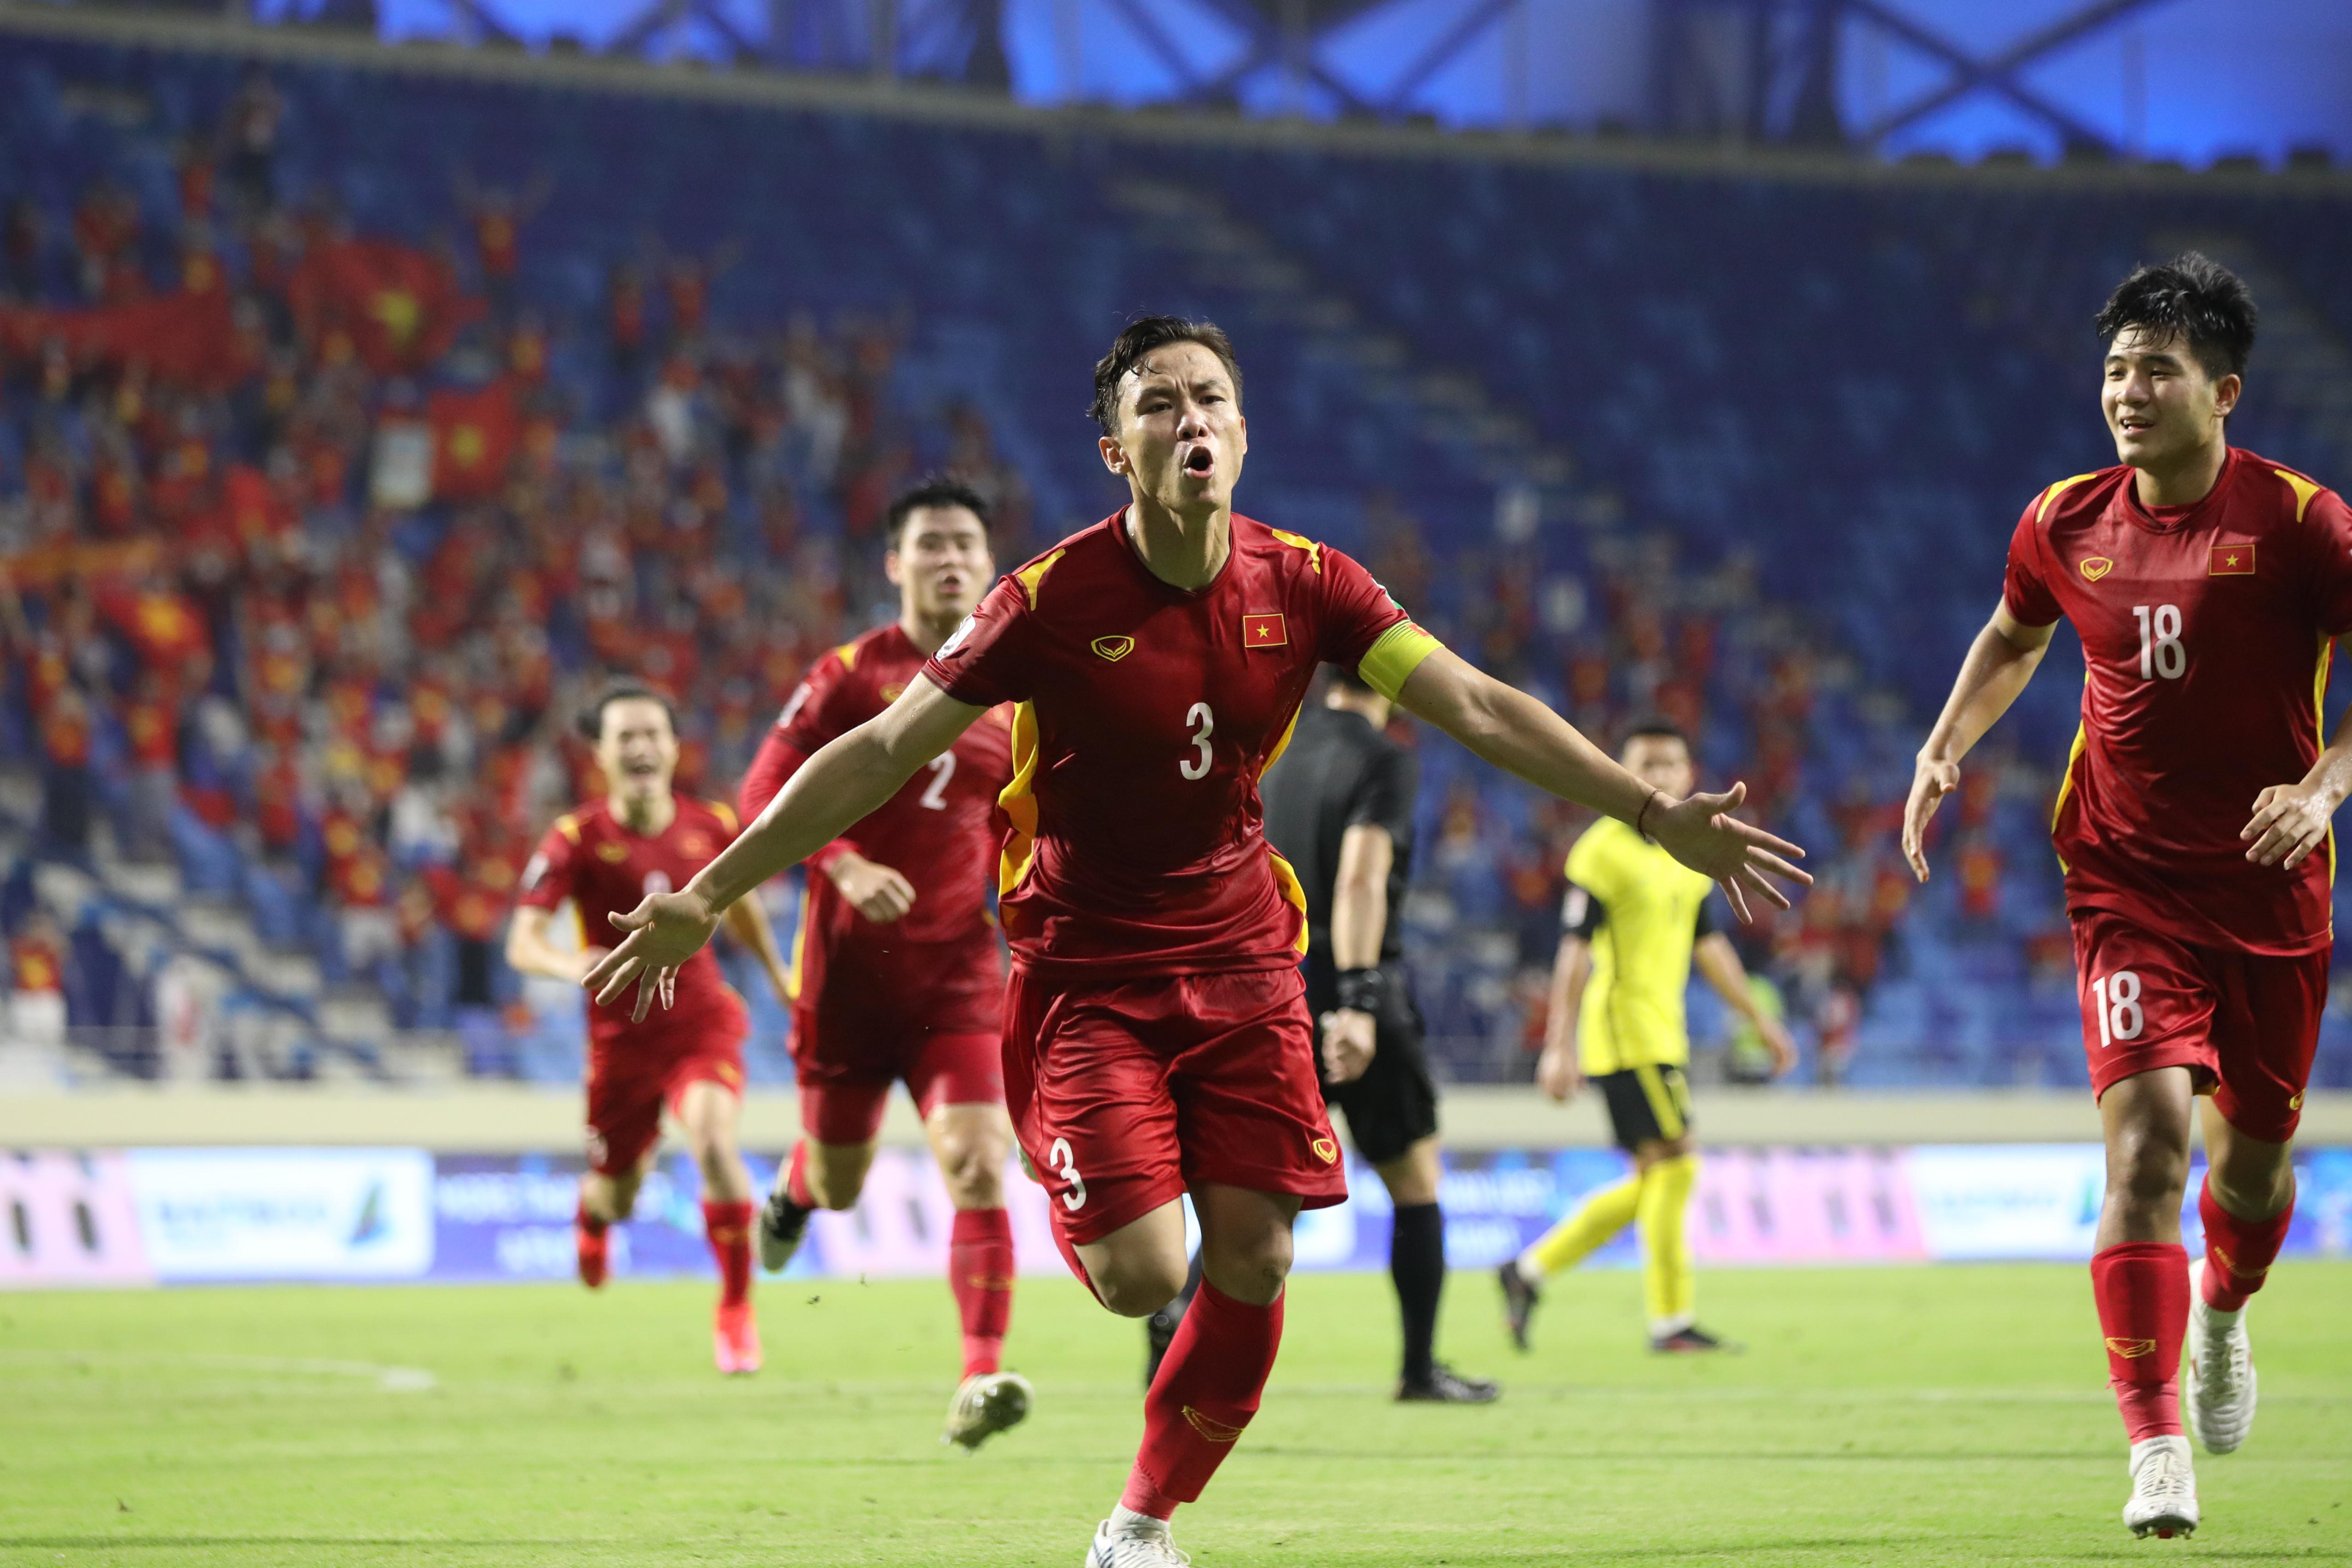 Khoảnh khắc ghi bàn vỡ òa trên sân UAE, đền đáp xứng đáng cho những nỗ lực của các chàng trai vàng đội tuyển Việt Nam.